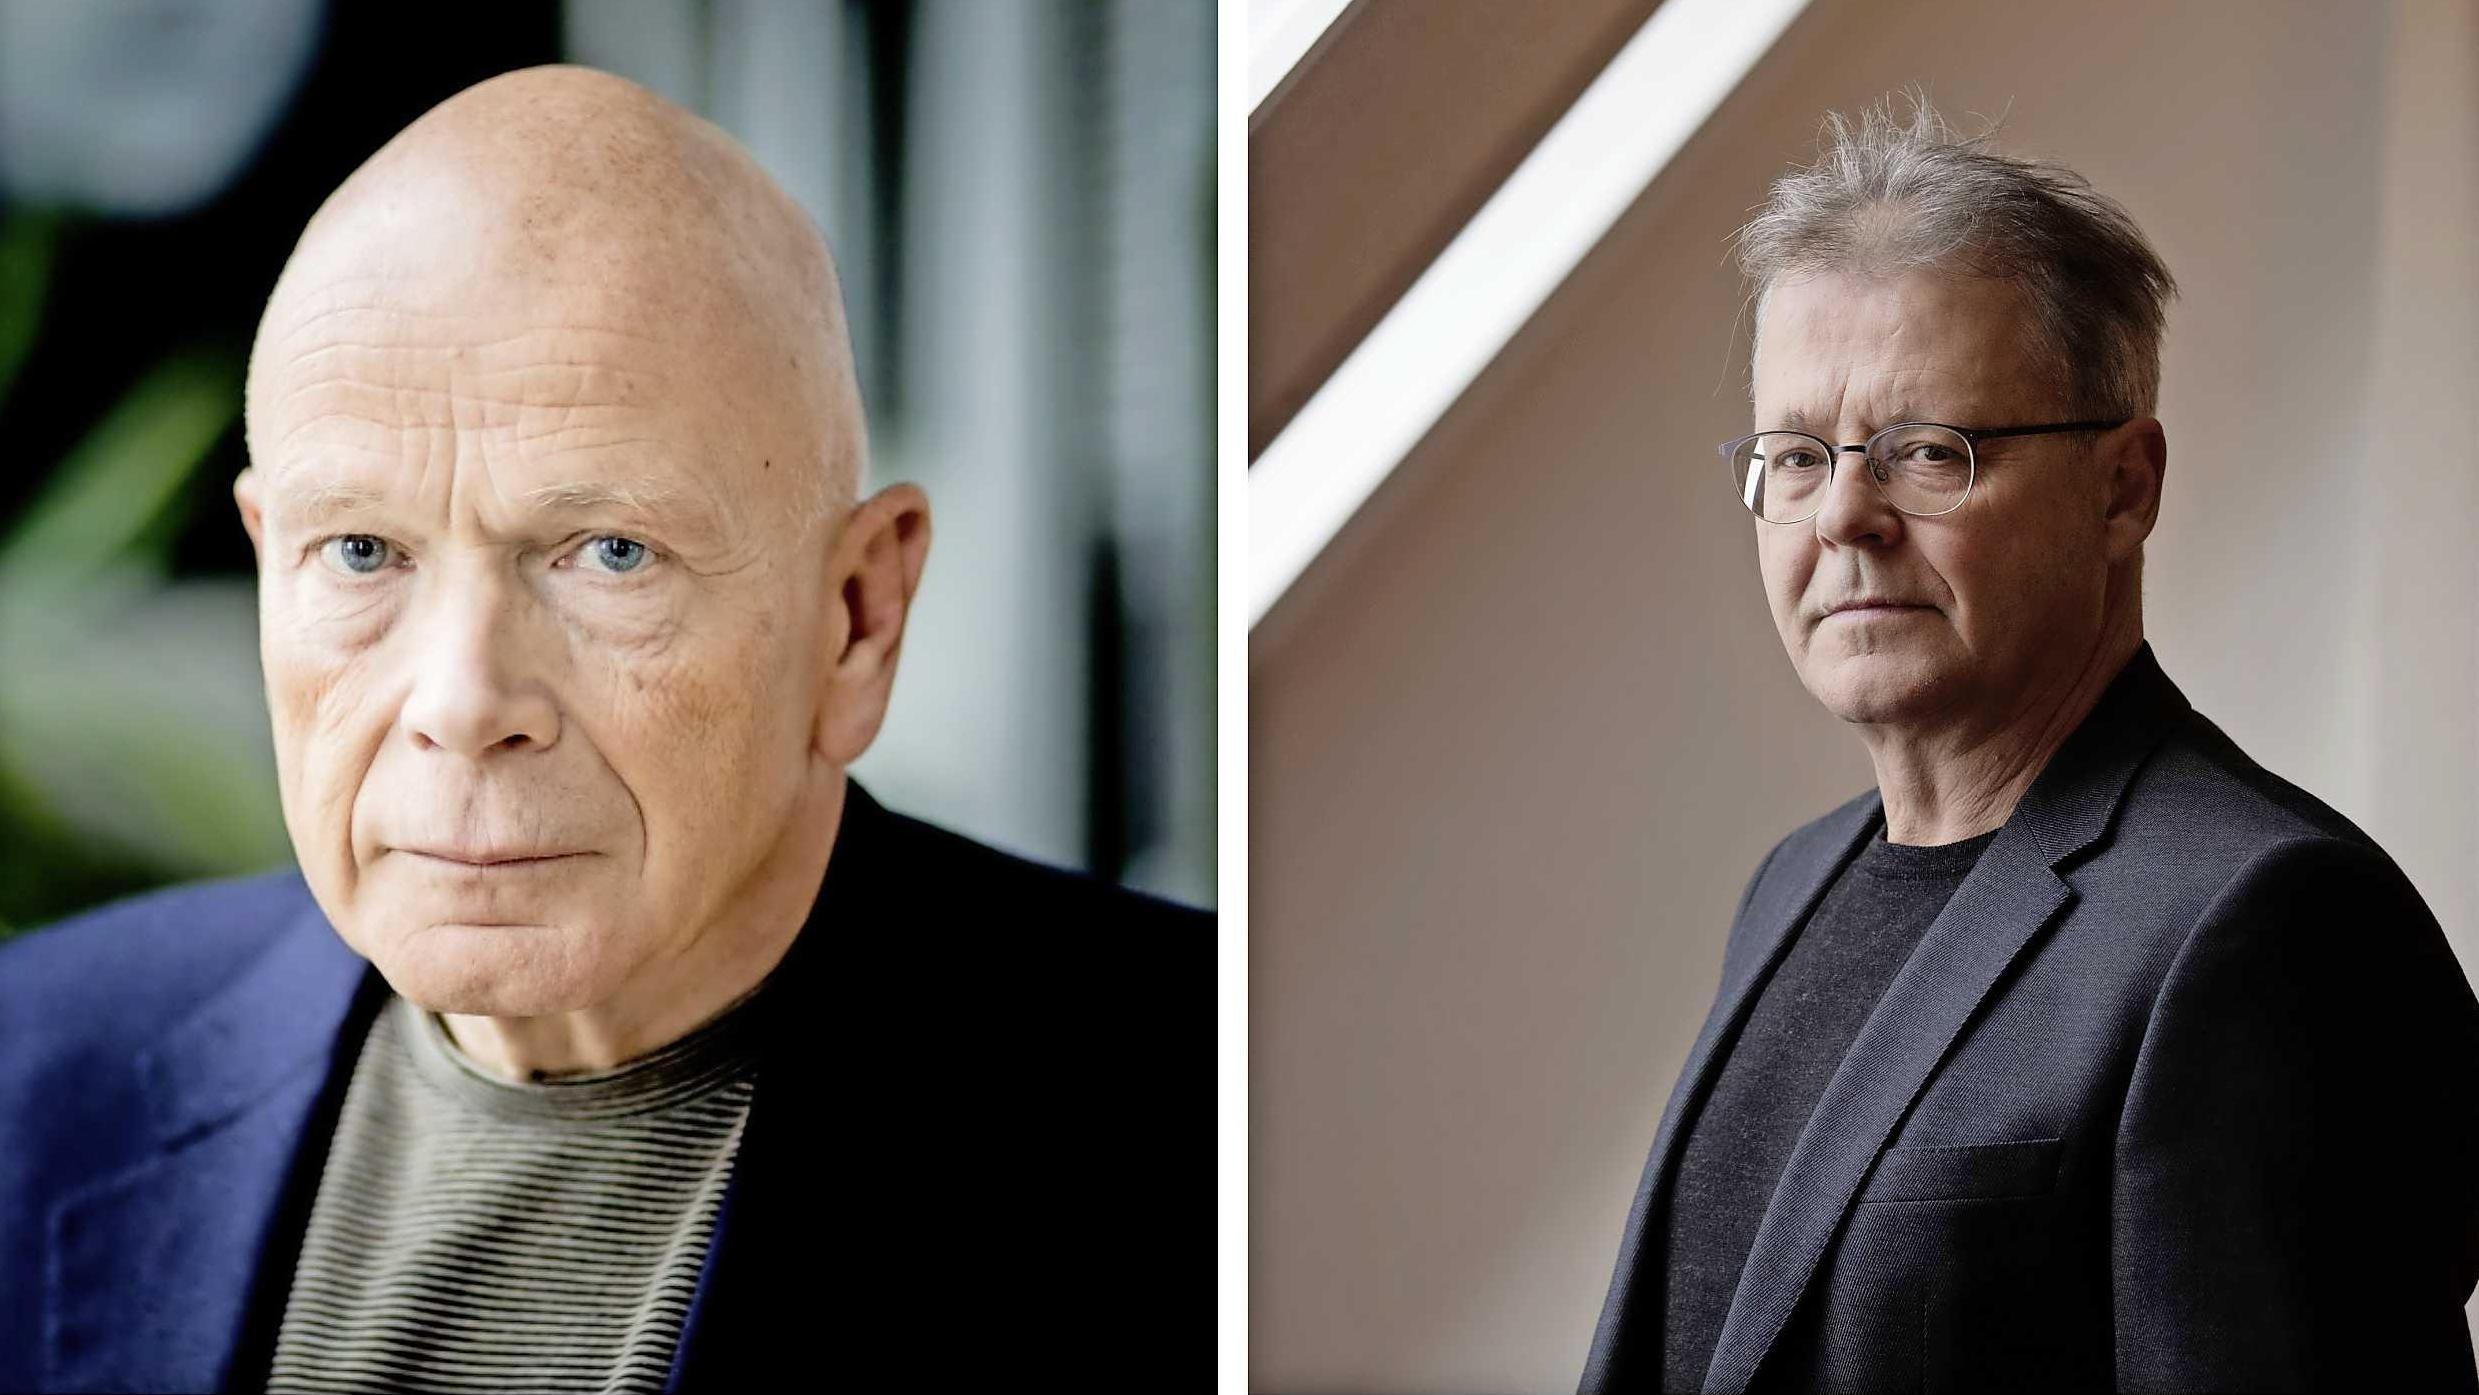 Taçlı şahit ve devlet ile vekâlet suçu arasındaki oyun (avukat Meijering ve Plasman)